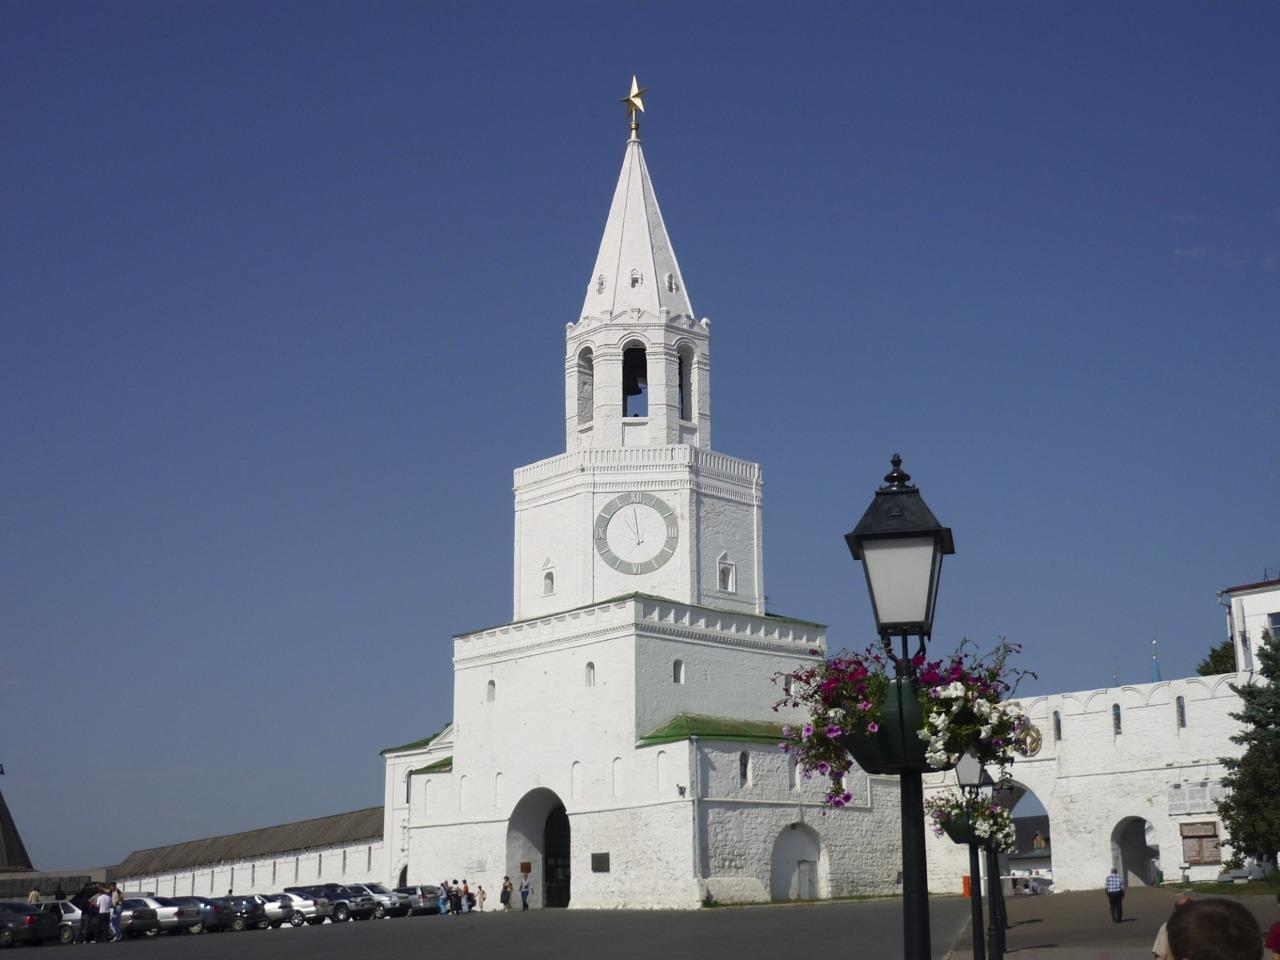 Обзорная экскурсия по Казани с посещением Кремля - групповая экскурсия в Казани от опытного гида